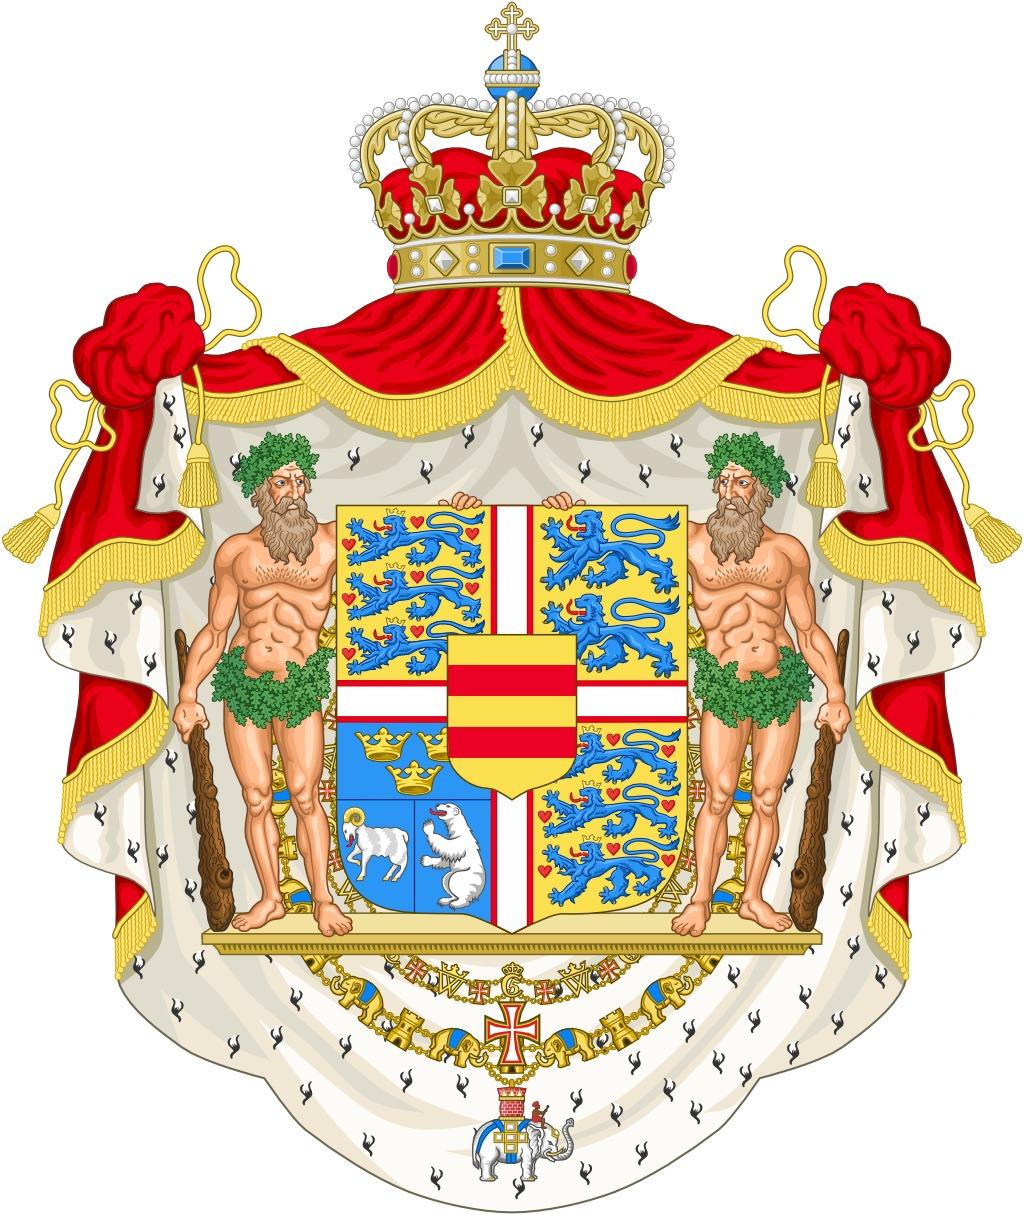 Σύμβολα καὶ οἰκόσημα...6 Ντιναμάρκα-Δανία